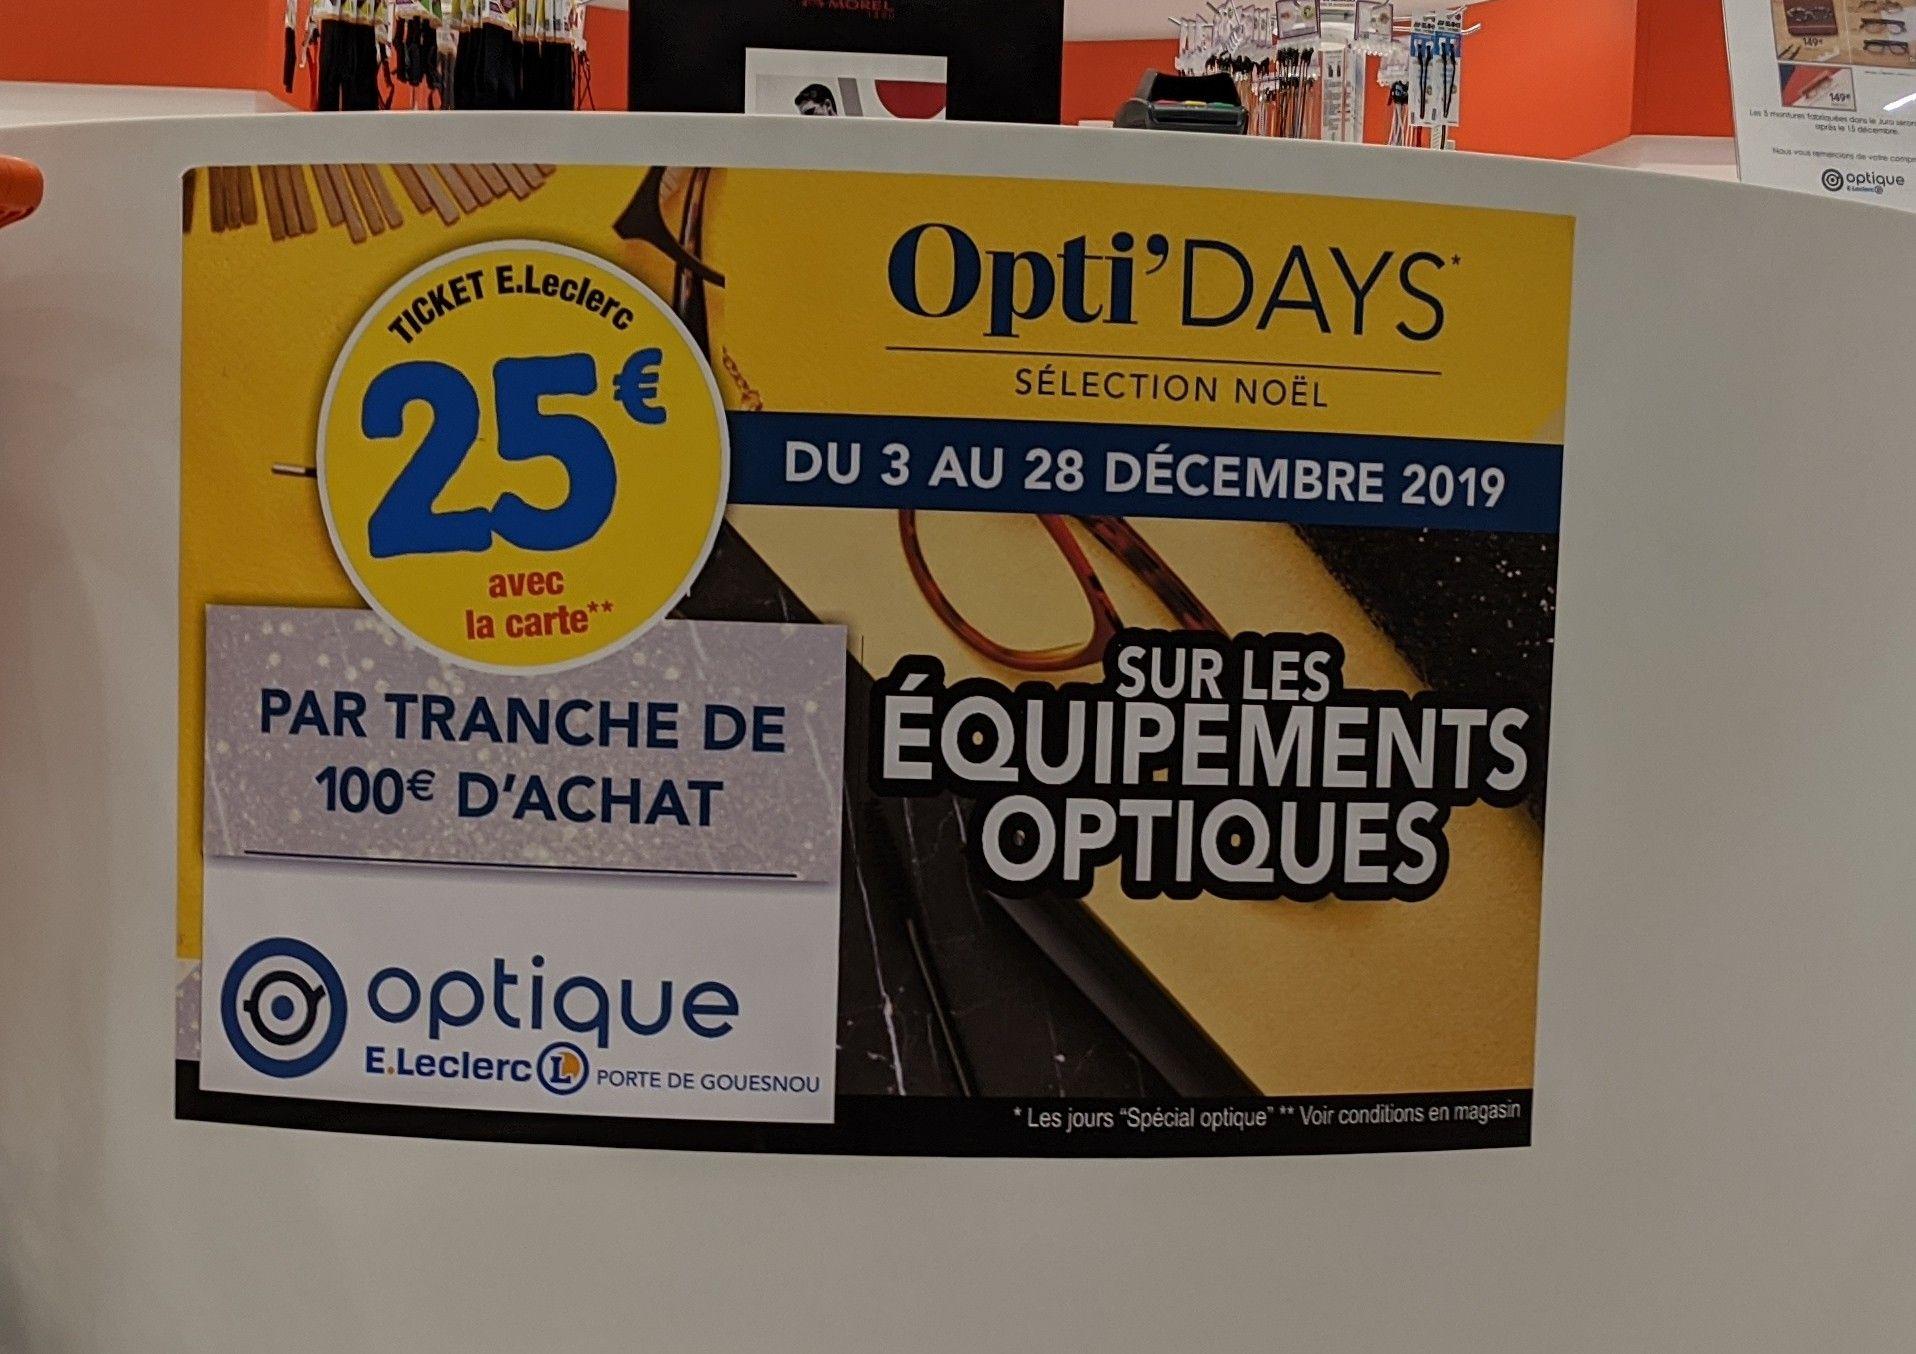 25€ offert en bon d'achat par tranche de 100€ d'achat sur les équipements optiques - Leclerc Gouesnou - Kergaradec (29)